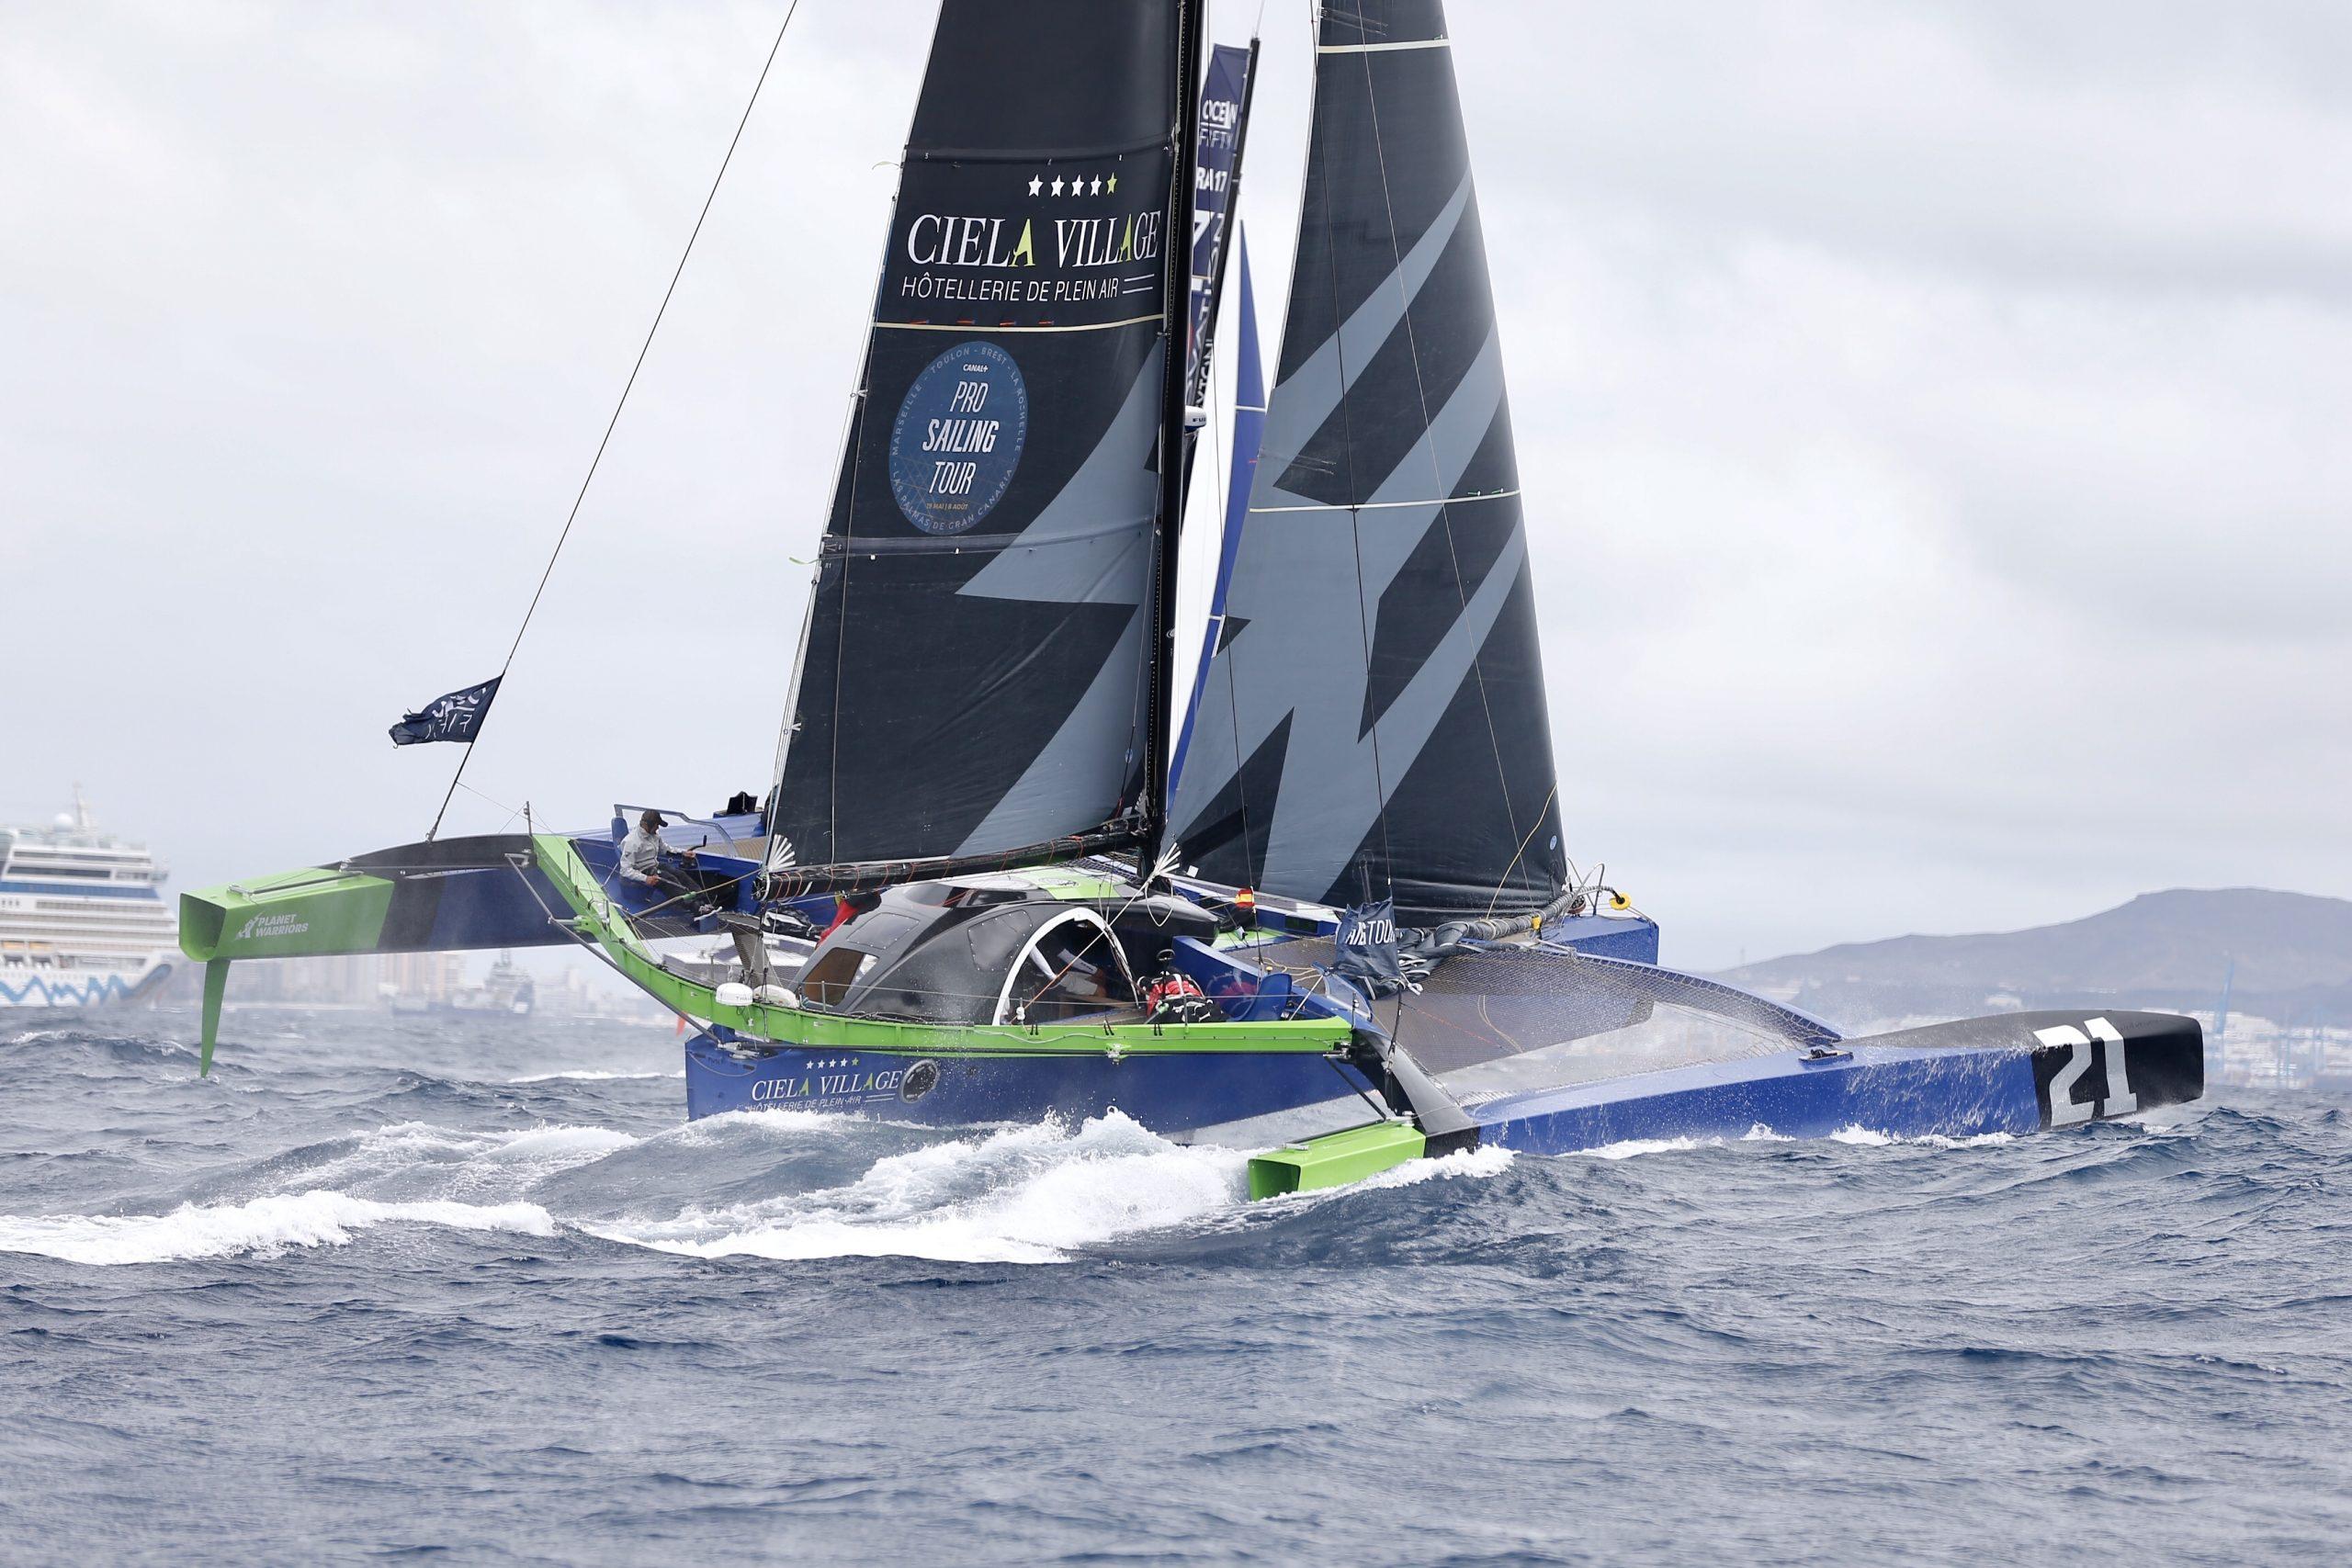 Creating plenty of wash while upwind sailing